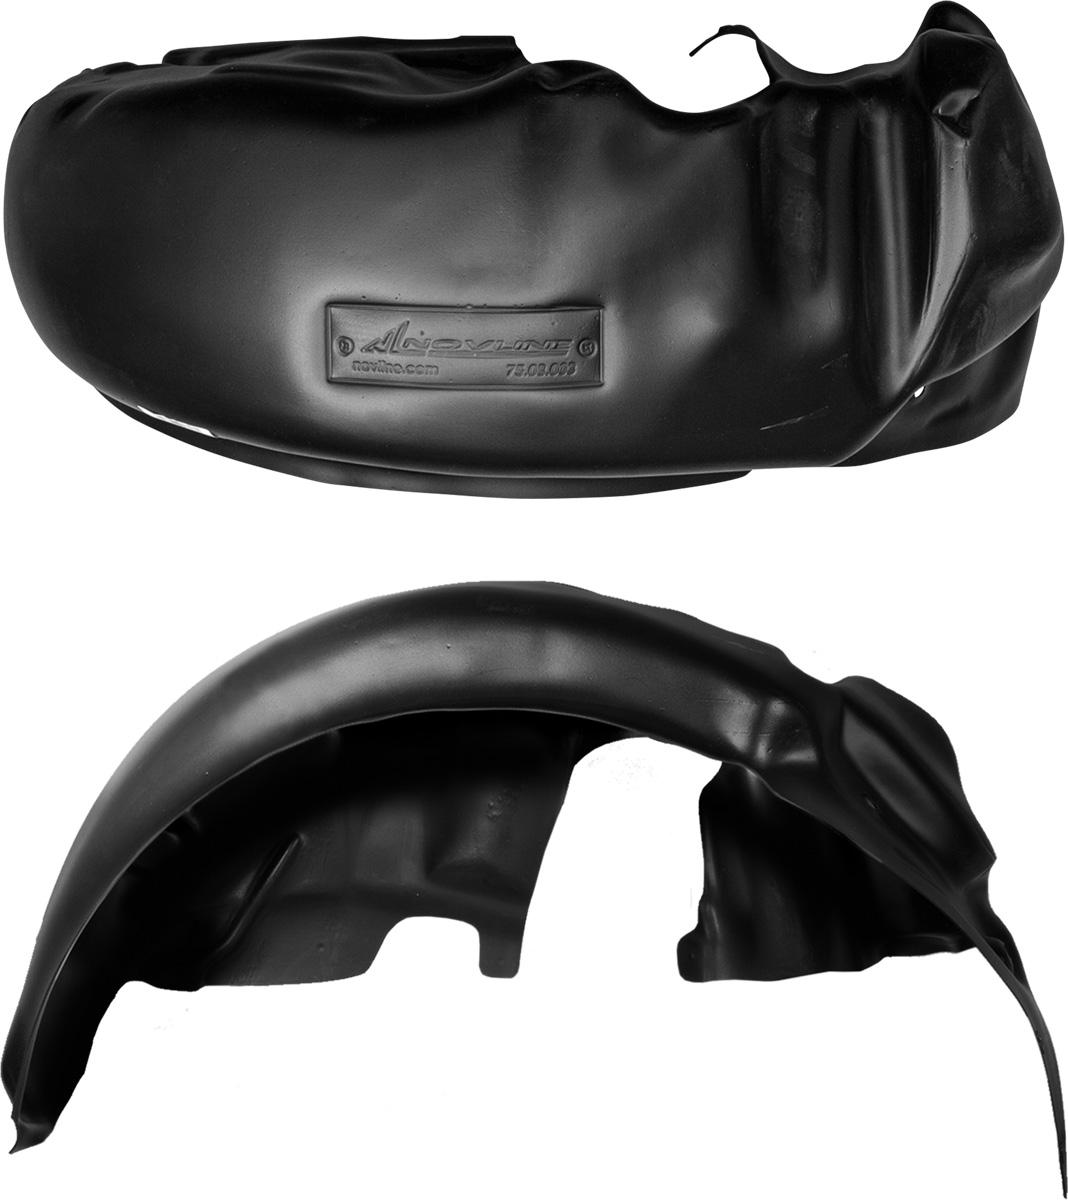 Подкрылок Novline-Autofamily, для Great Wall Hover H5, 2010->, передний левыйVCA-00Колесные ниши - одни из самых уязвимых зон днища вашего автомобиля. Они постоянно подвергаются воздействию со стороны дороги. Лучшая, почти абсолютная защита для них - специально отформованные пластиковые кожухи, которые называются подкрылками. Производятся они как для отечественных моделей автомобилей, так и для иномарок. Подкрылки Novline-Autofamily выполнены из высококачественного, экологически чистого пластика. Обеспечивают надежную защиту кузова автомобиля от пескоструйного эффекта и негативного влияния, агрессивных антигололедных реагентов. Пластик обладает более низкой теплопроводностью, чем металл, поэтому в зимний период эксплуатации использование пластиковых подкрылков позволяет лучше защитить колесные ниши от налипания снега и образования наледи. Оригинальность конструкции подчеркивает элегантность автомобиля, бережно защищает нанесенное на днище кузова антикоррозийное покрытие и позволяет осуществить крепление подкрылков внутри колесной арки практически без дополнительного крепежа и сверления, не нарушая при этом лакокрасочного покрытия, что предотвращает возникновение новых очагов коррозии. Подкрылки долговечны, обладают высокой прочностью и сохраняют заданную форму, а также все свои физико-механические характеристики в самых тяжелых климатических условиях (от -50°С до +50°С).Уважаемые клиенты!Обращаем ваше внимание, на тот факт, что подкрылок имеет форму, соответствующую модели данного автомобиля. Фото служит для визуального восприятия товара.